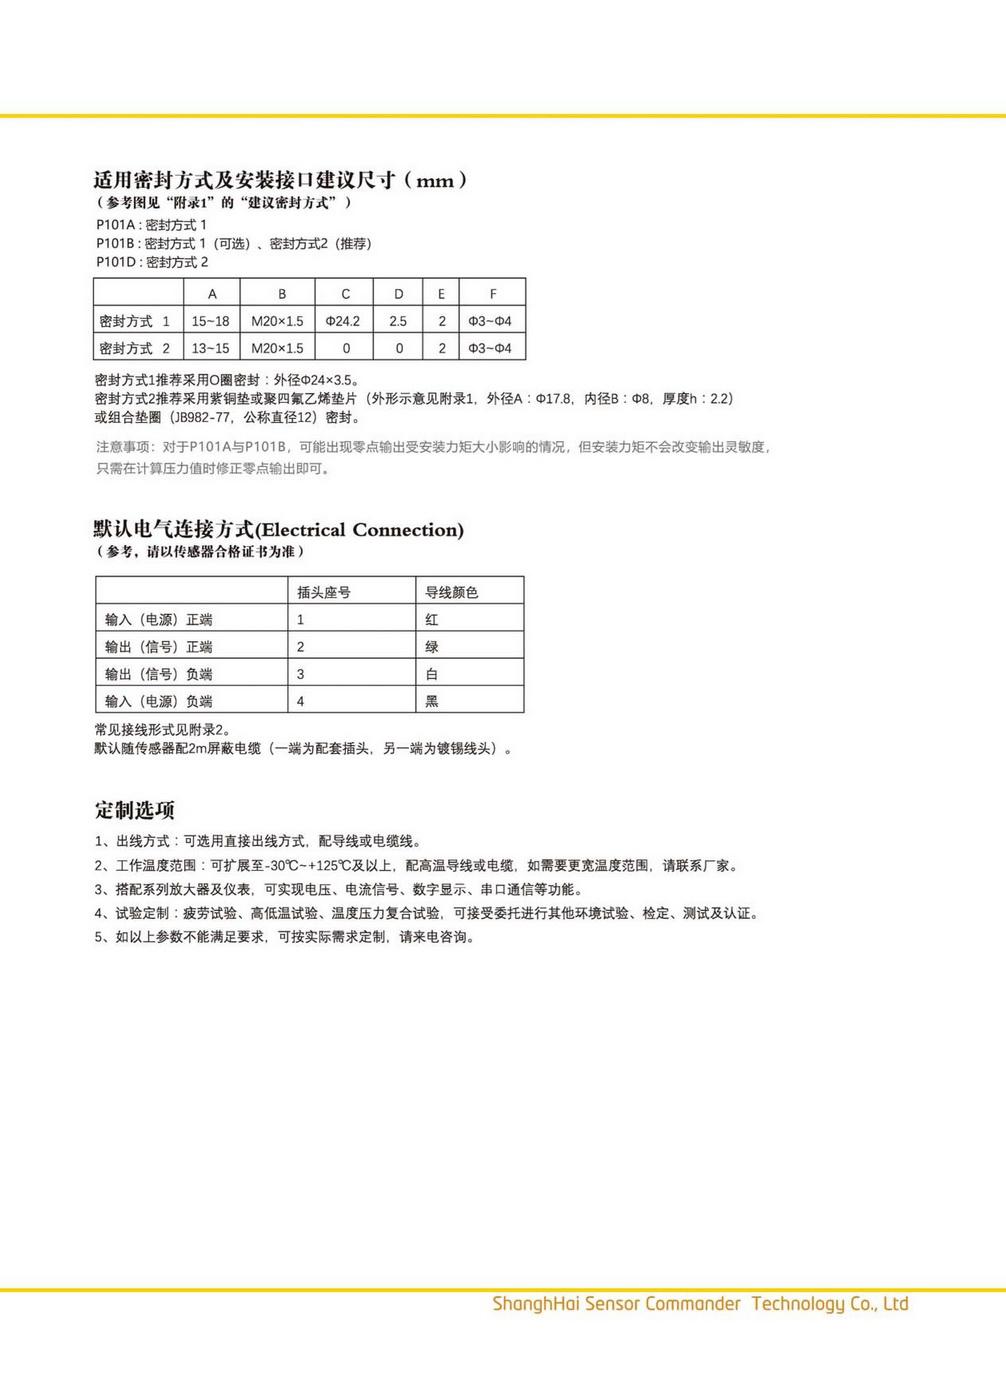 尚测科技产品选型手册 V1.3_页面_28_调整大小.jpg